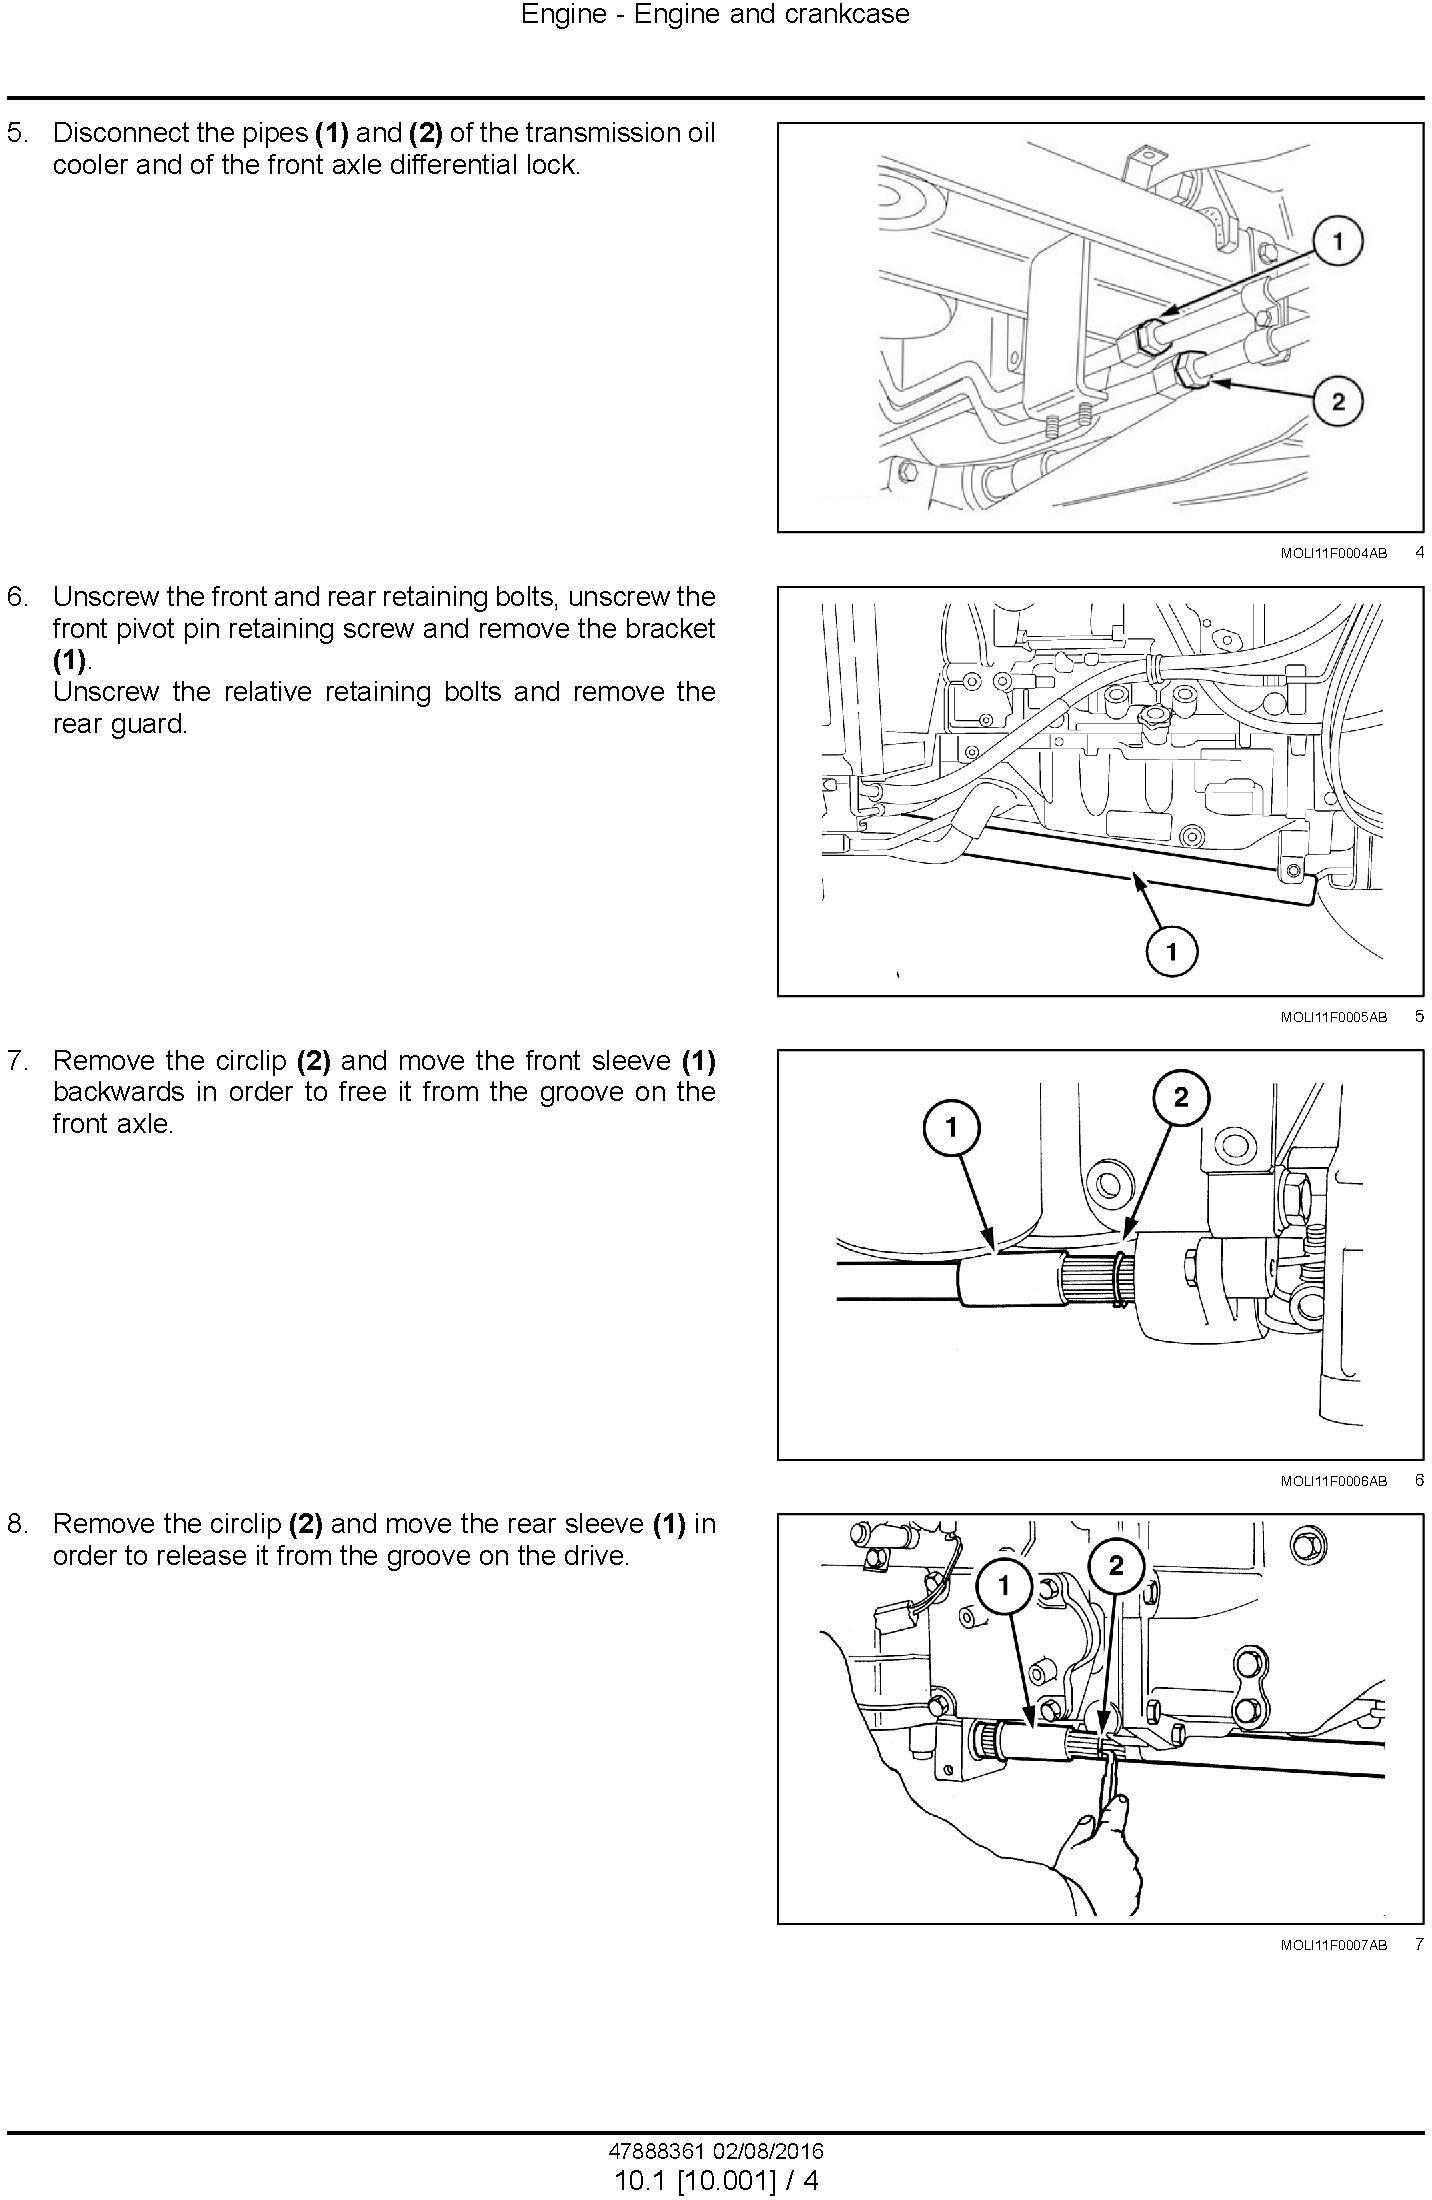 New Holland T4.75F, T4.85F, T4.95F, T4.105F Tractor Service Manual - 1